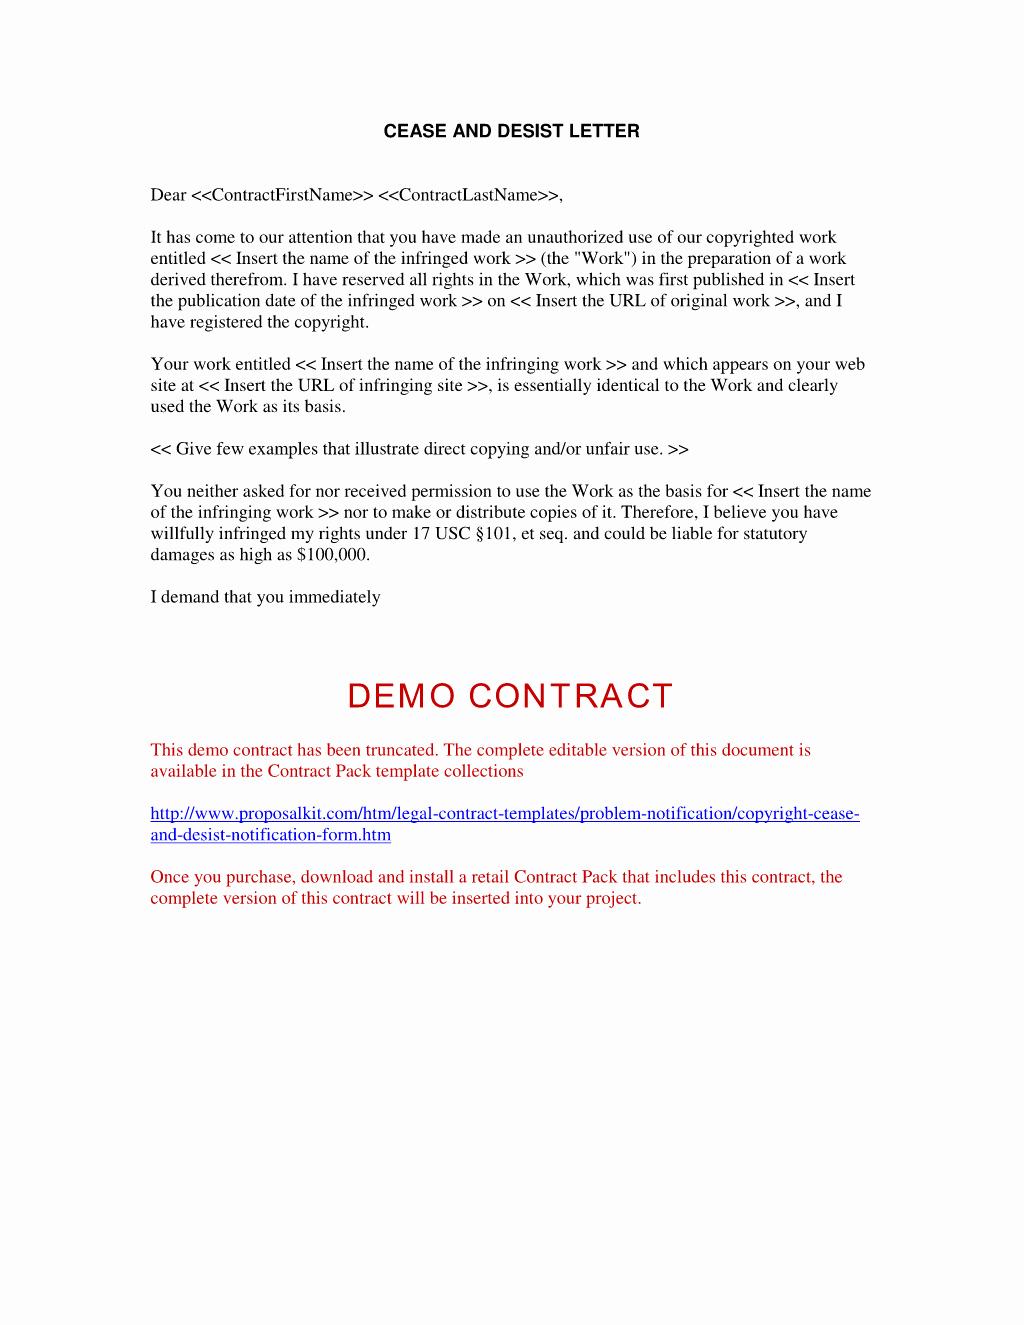 Copyright Cease and Desist Letter Elegant Trademark Cease and Desist Letter Sample Free Printable